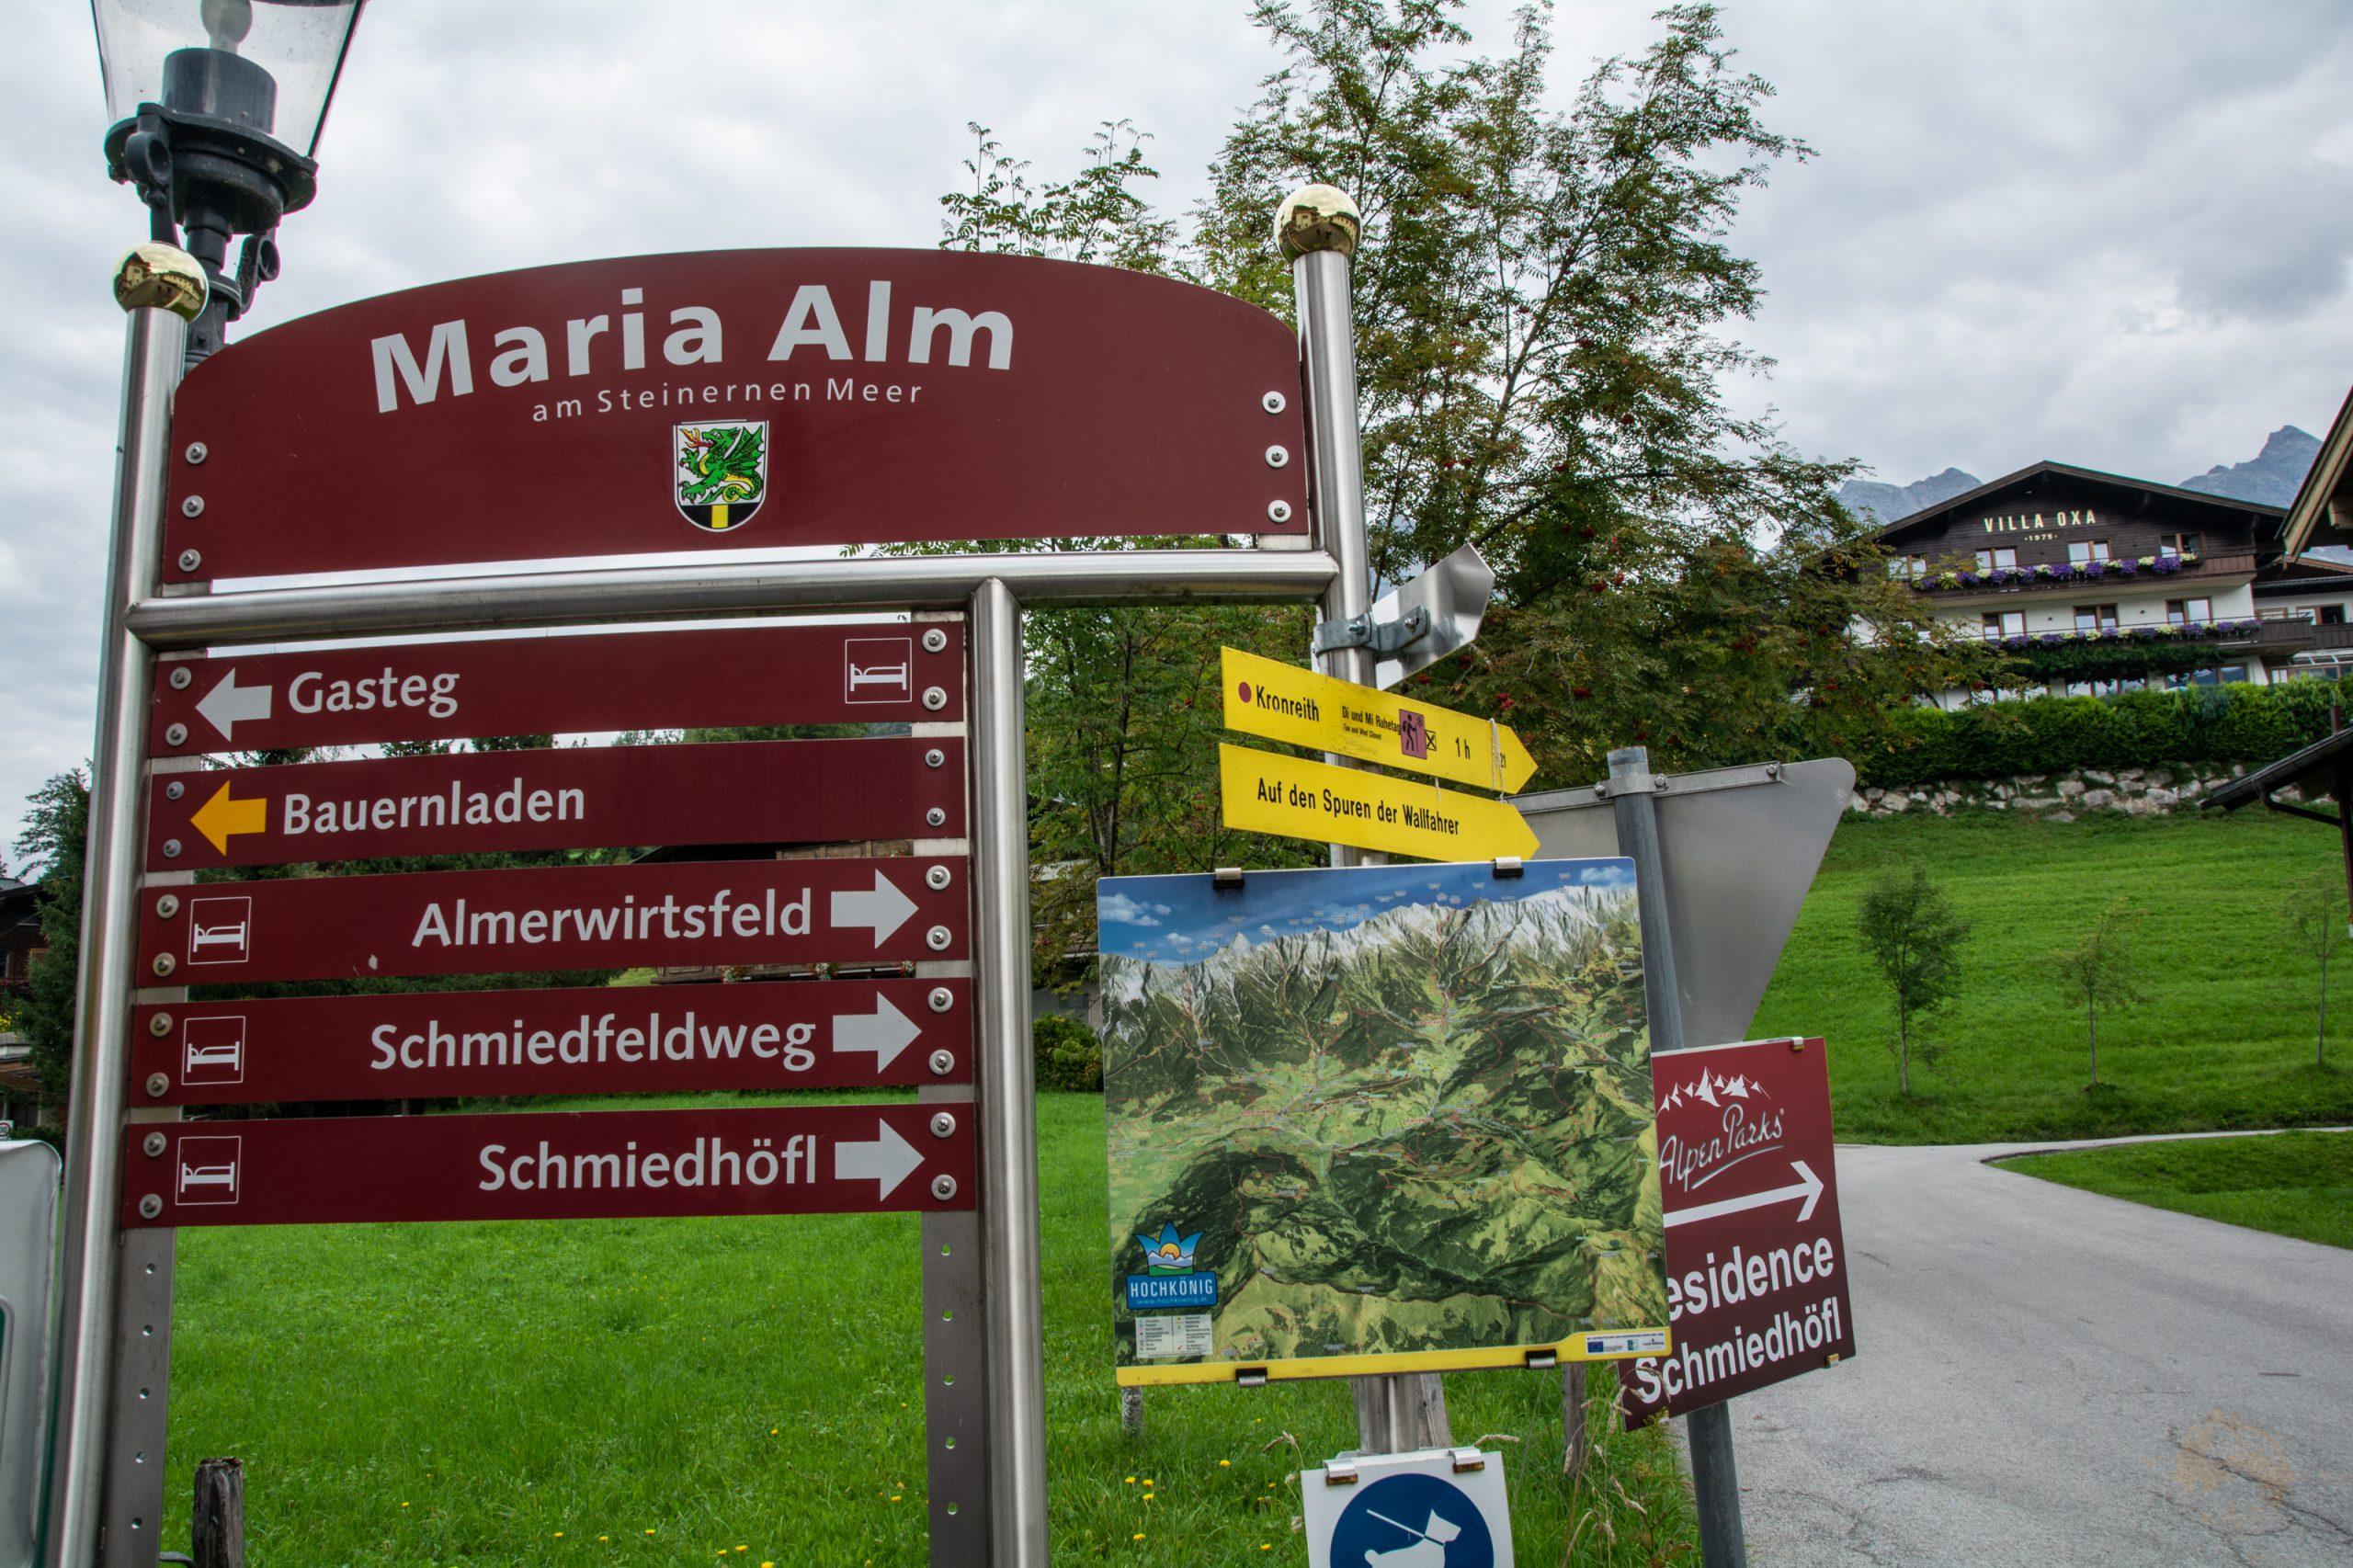 Maria Alm am steinernen Meer | Österreich